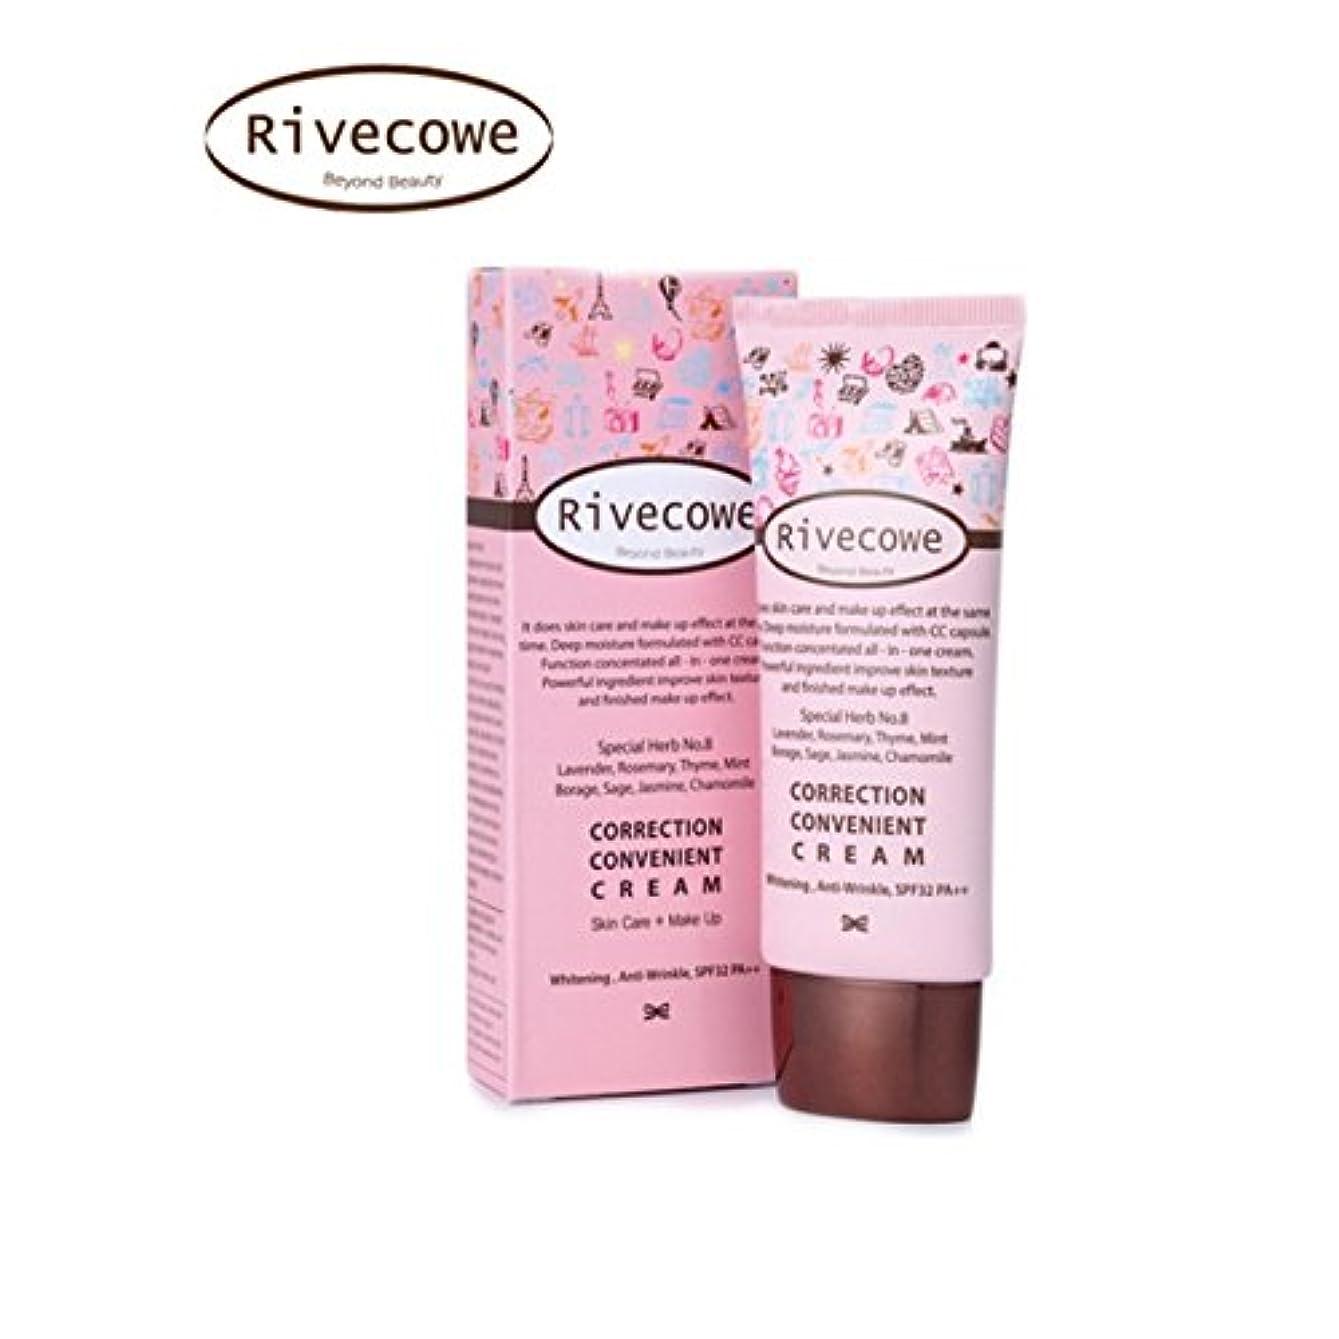 どれ文句を言うすぐにリヴコイ [韓国コスメ Rivecowe] CC クリーム (SPF32,PA++) 40ml(BB Skin Care+Makeup Foundation)/w Gift Sample [並行輸入品]